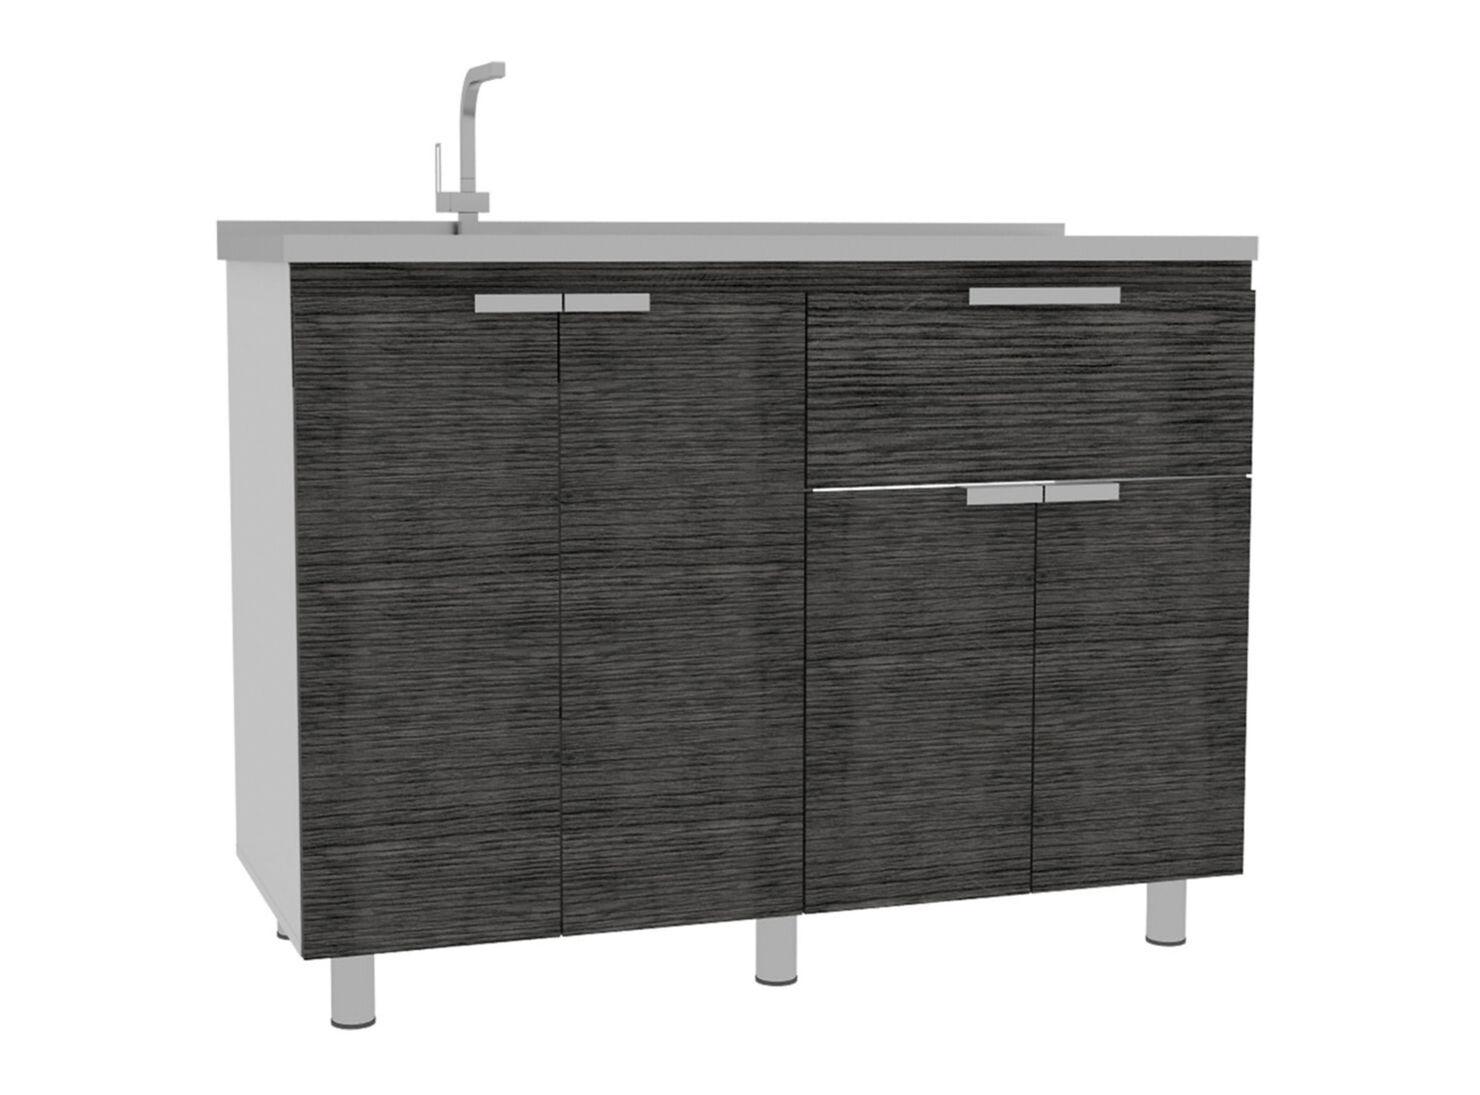 Muebles Cocina Fendi Alacena + Interior + Auxiliar + Superior + Mueble  Microondas Rovere Gris TuHome